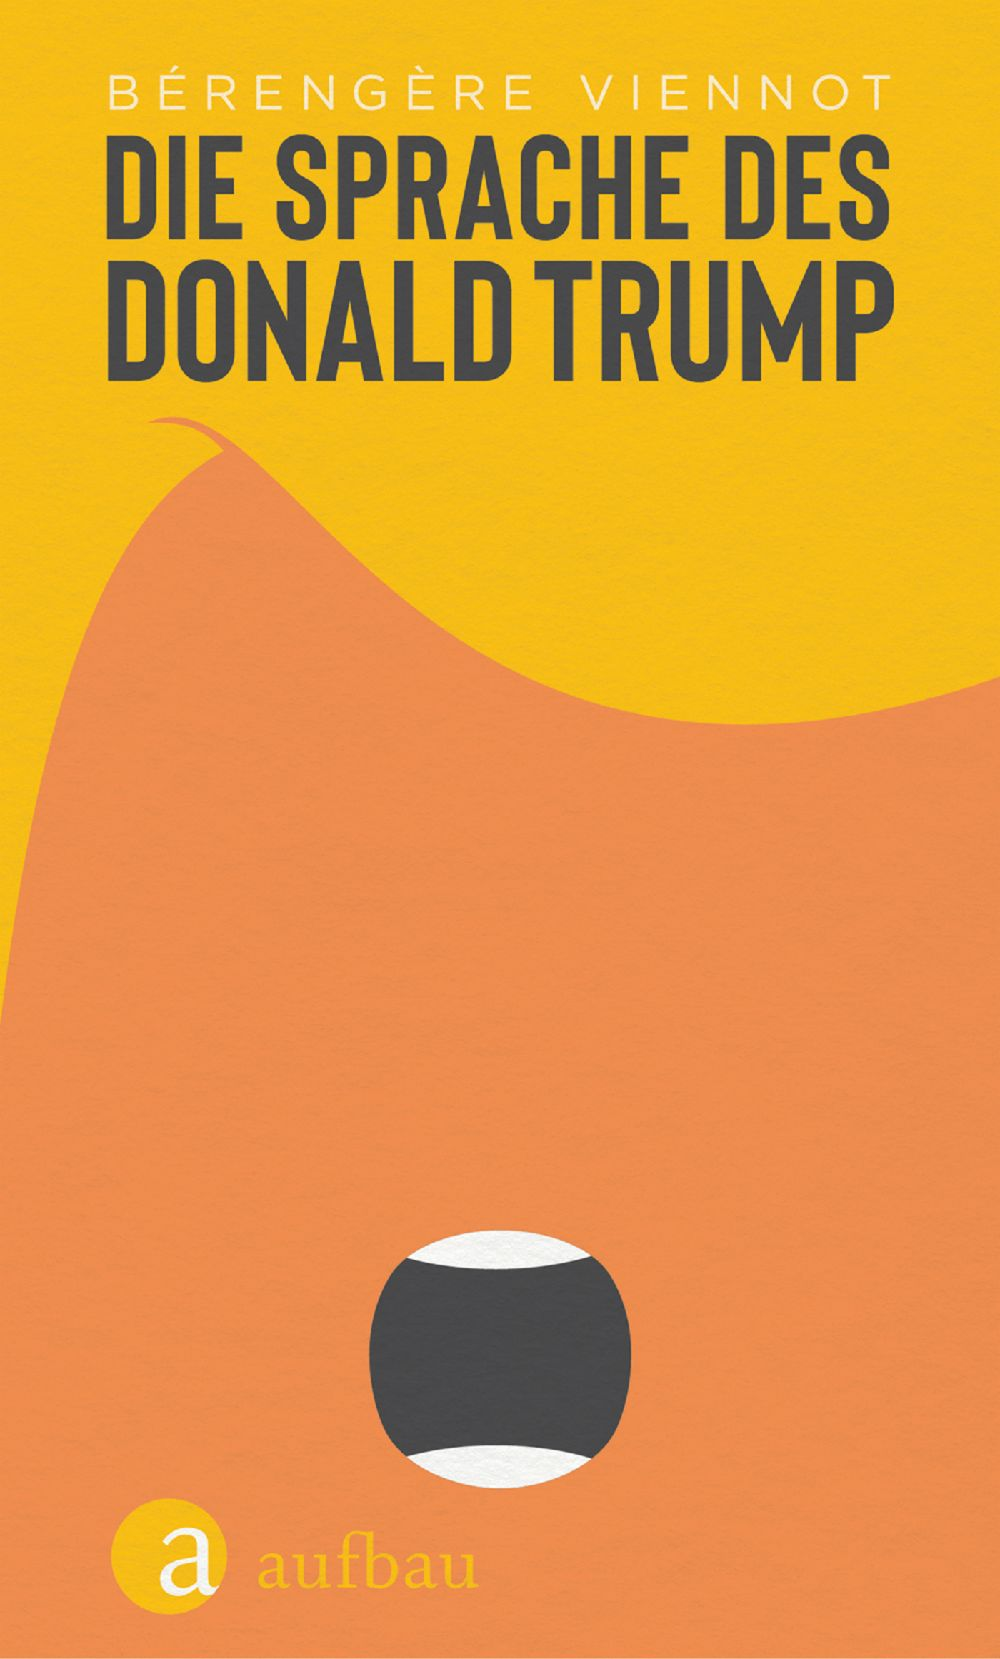 Geschenketipp Sachbuch - Die Sprache des Donald Trump - Berengere Viennot